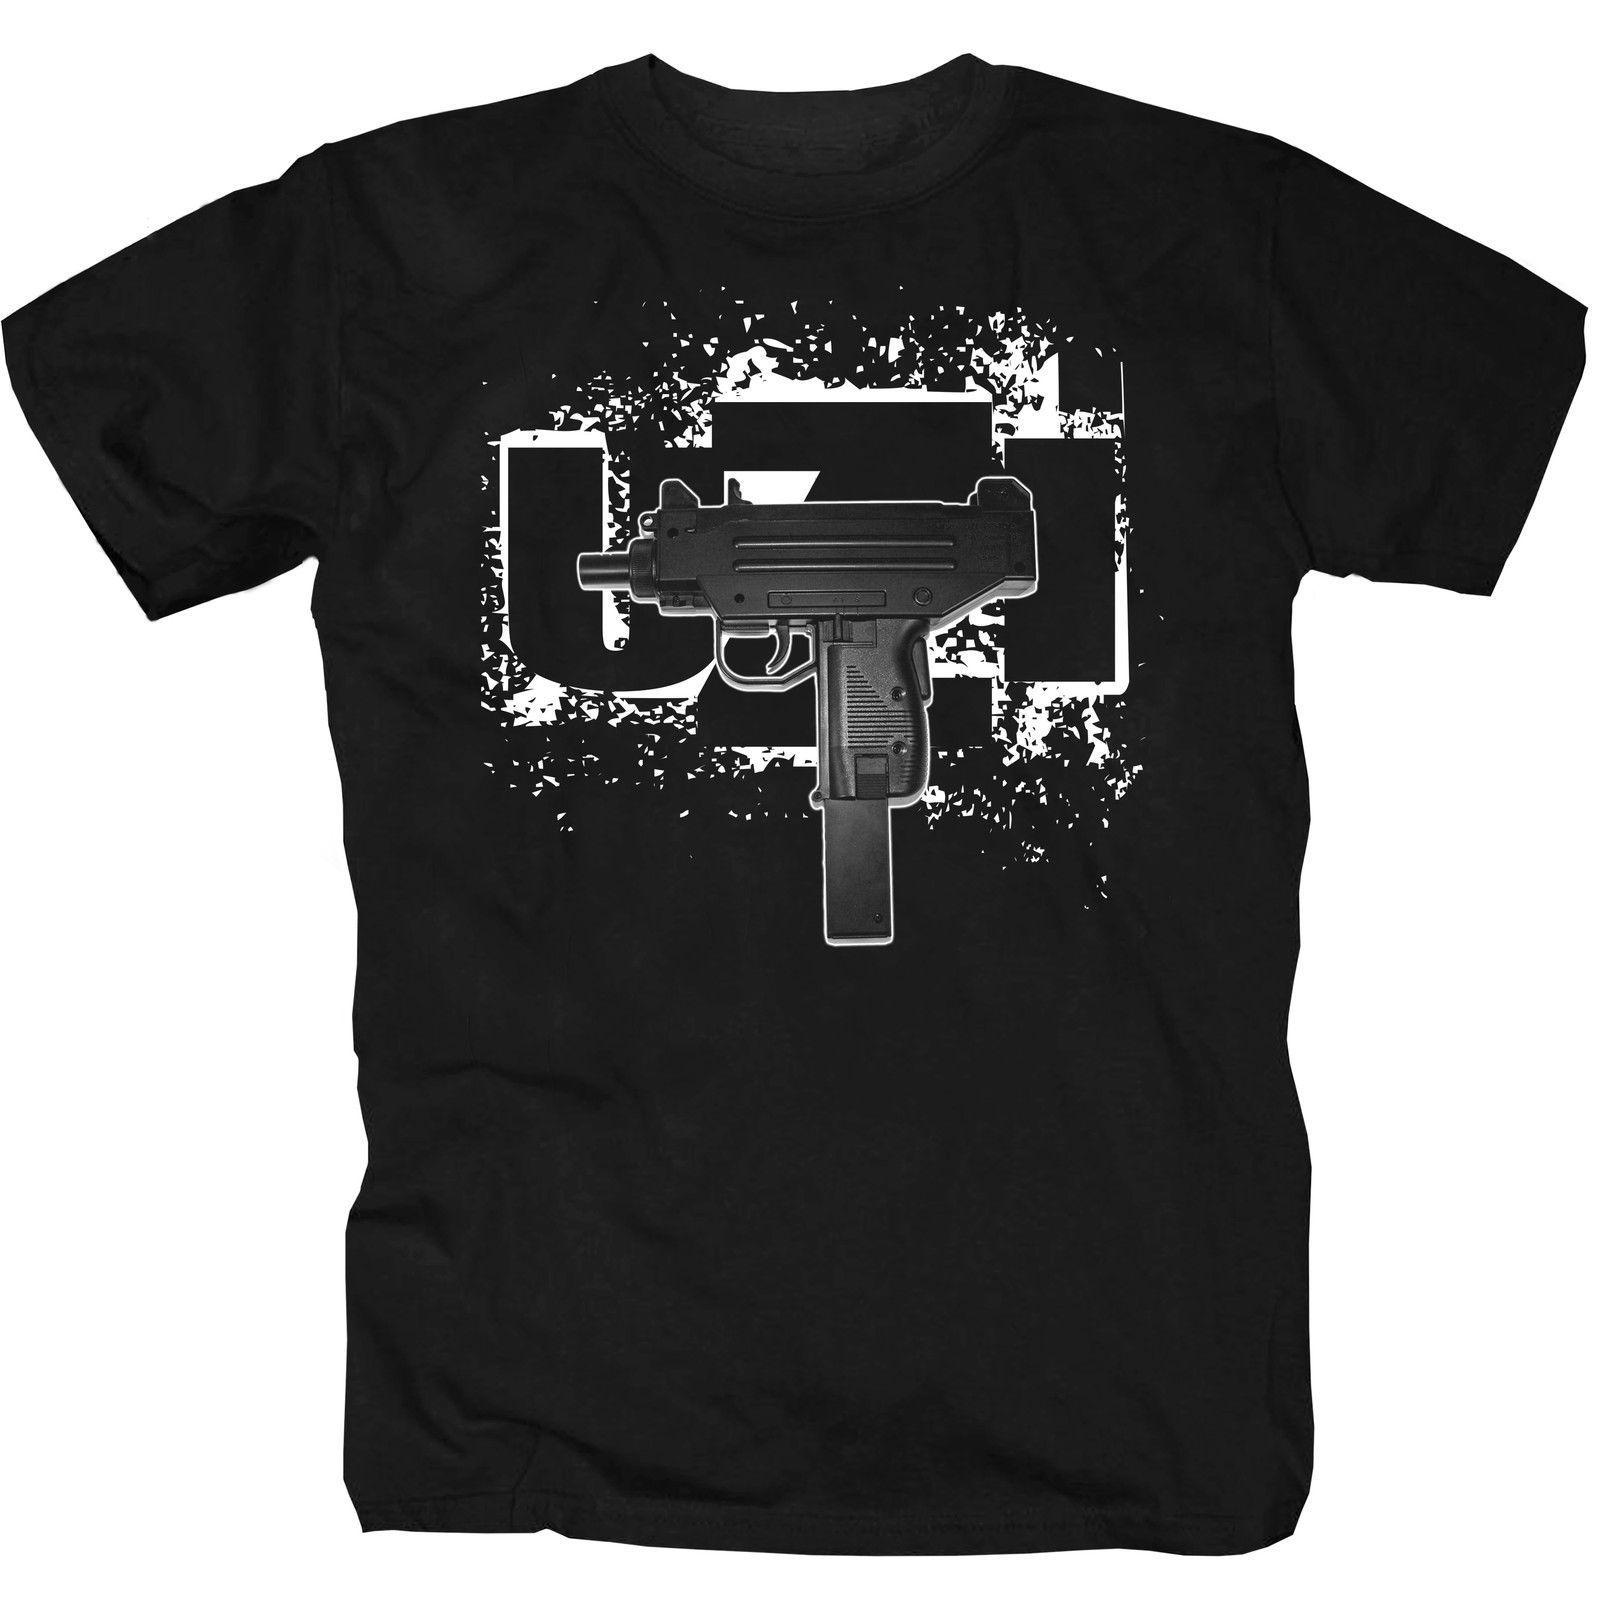 47 Brand Herren T-Shirt